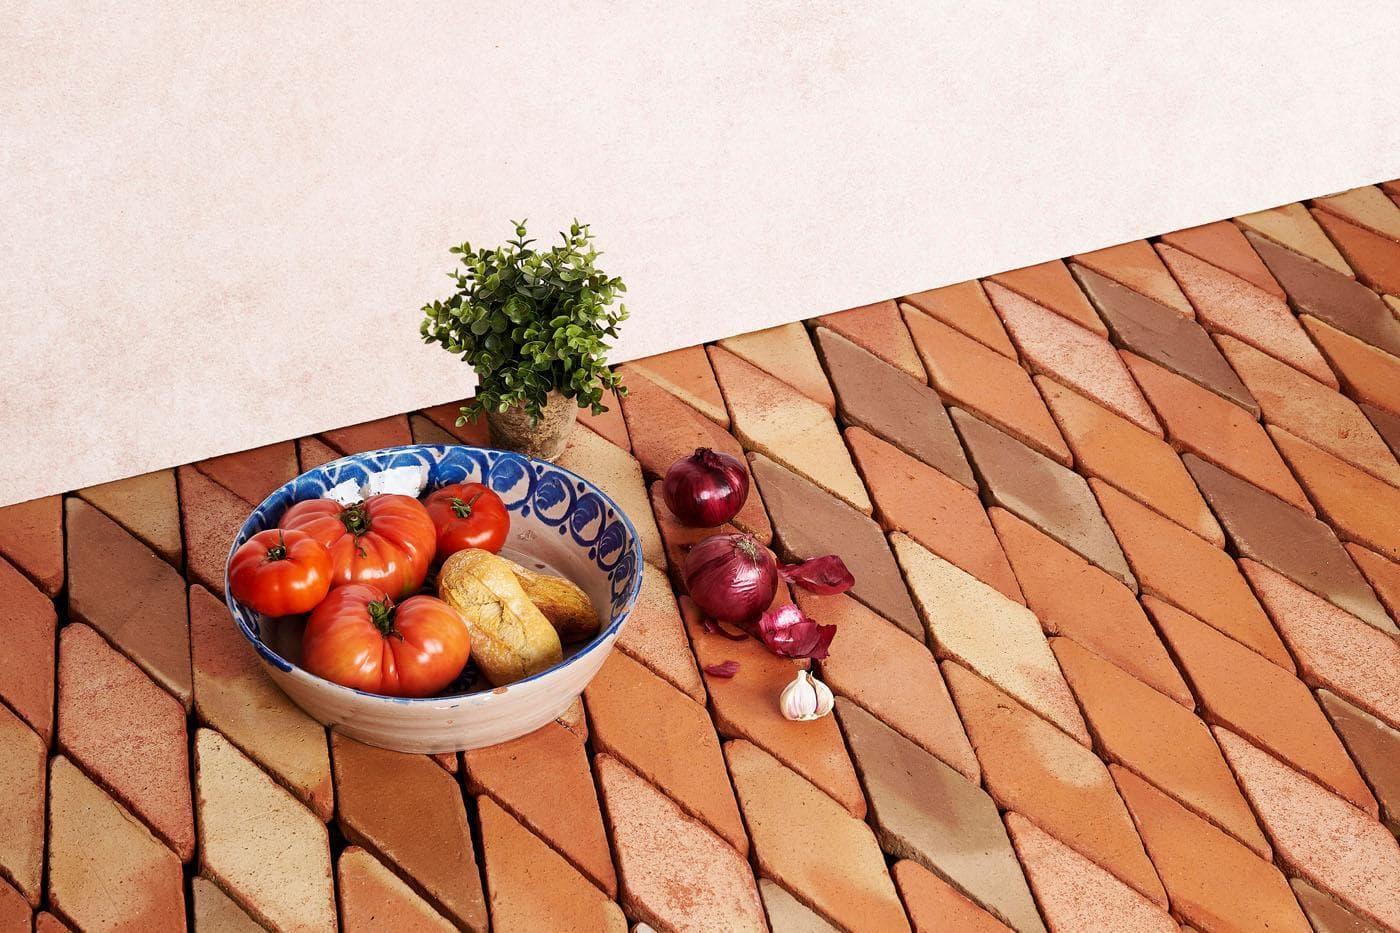 arquitectura-mediterranea - suelo de barro cocido con fuente con verduras